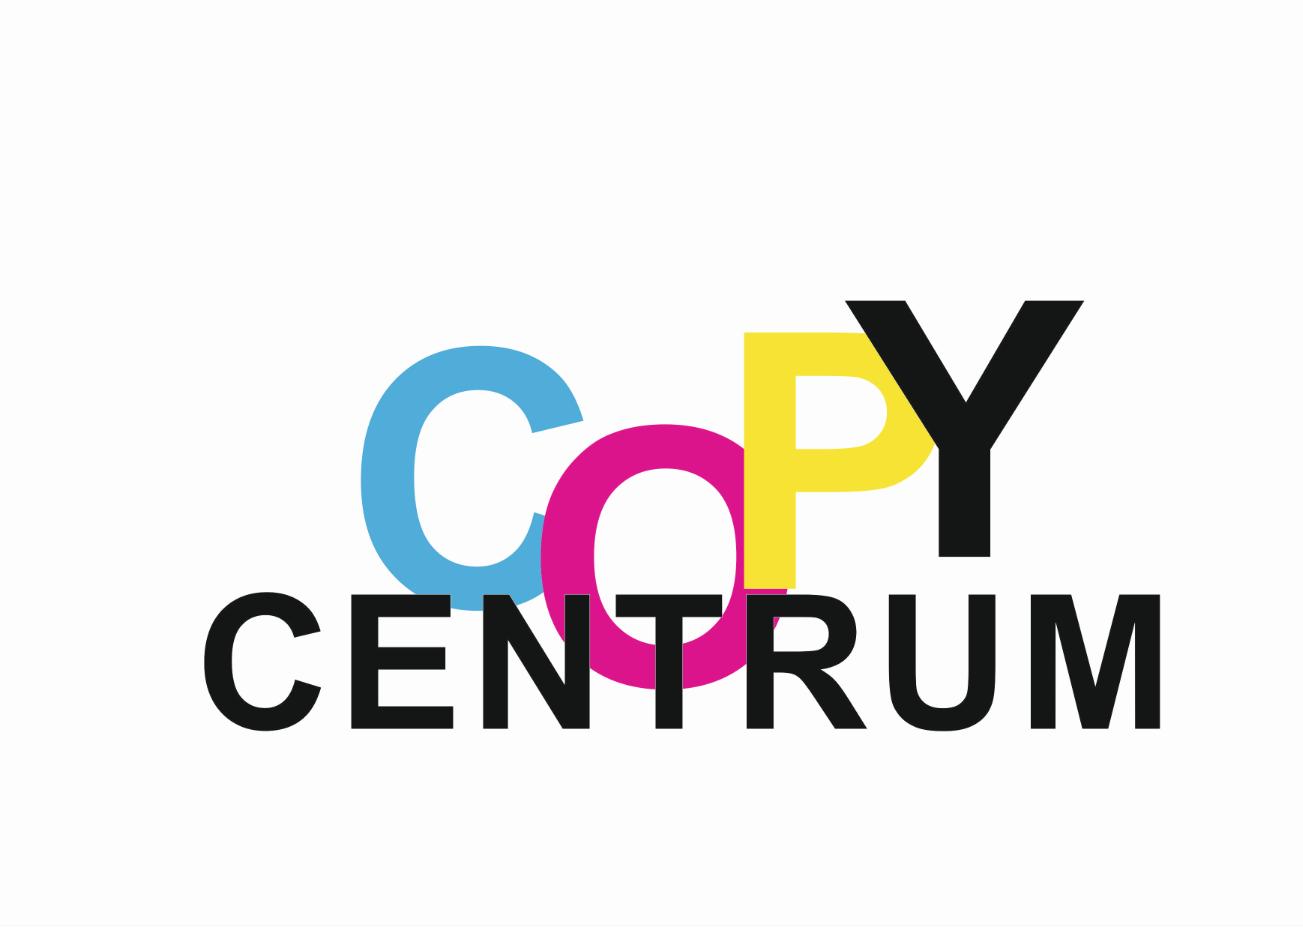 Copycentrum